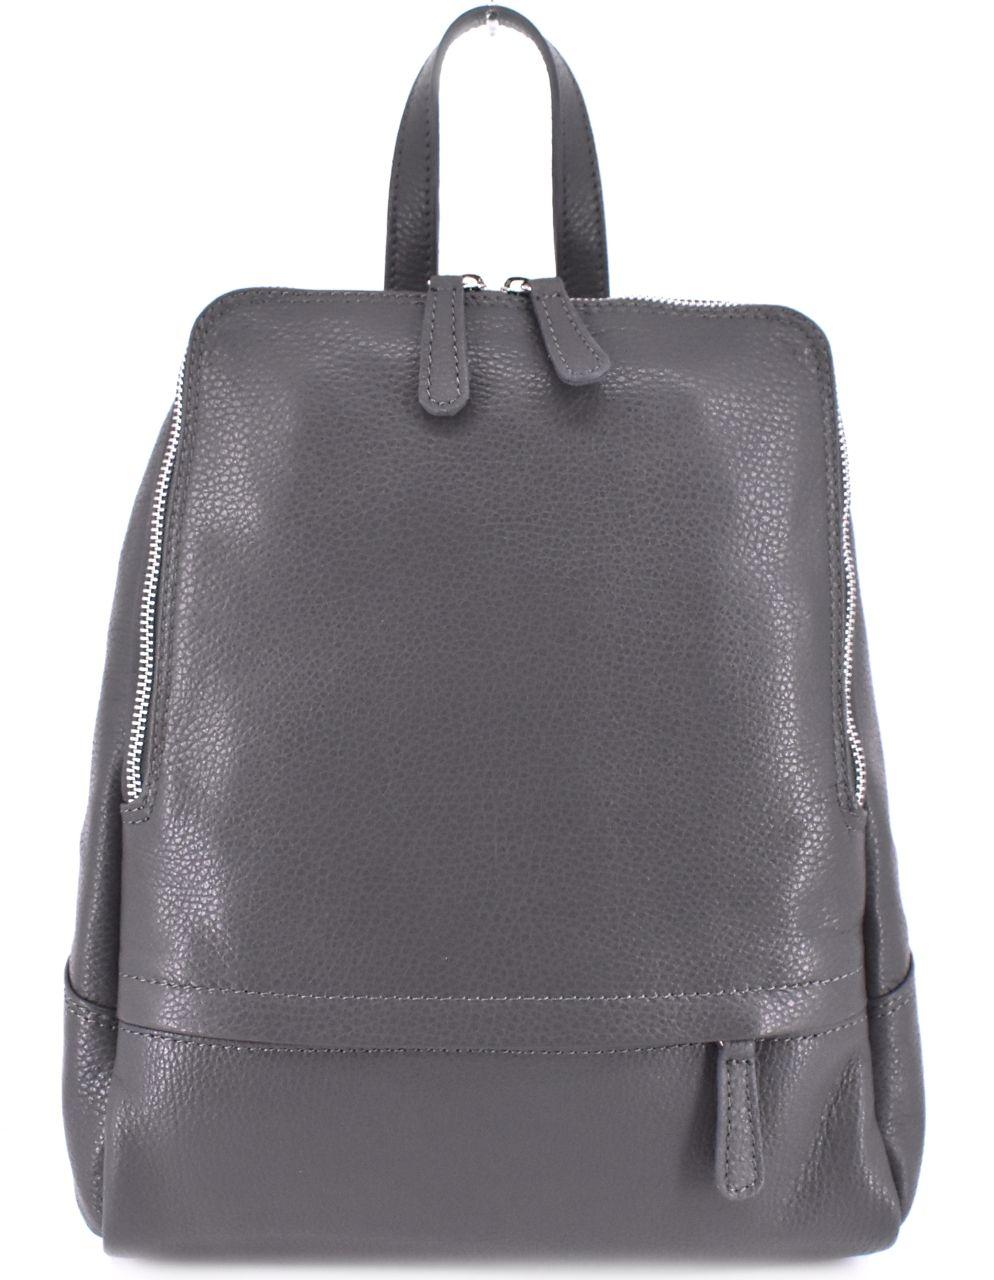 Dámský kožený batoh Arteddy - tmavě šedá 36931